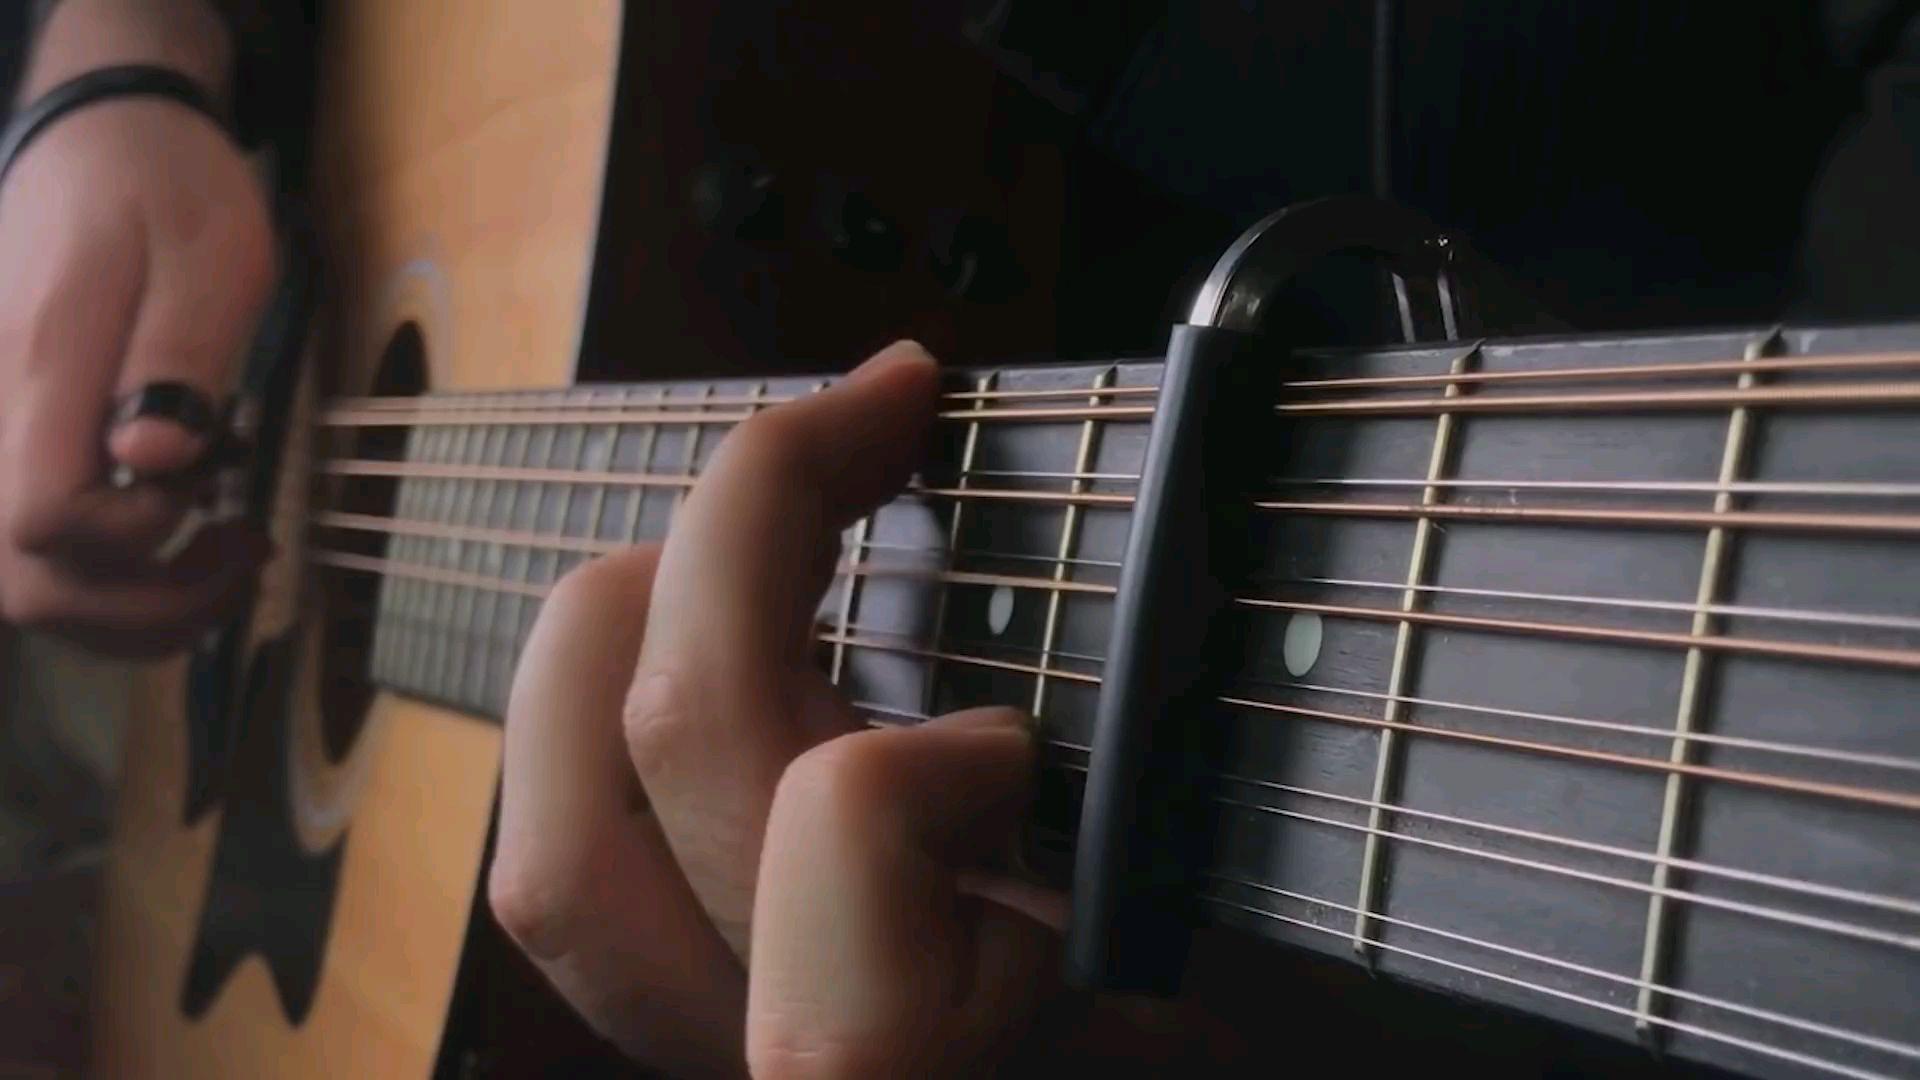 【12弦吉他】权利的游戏主题曲吉他翻弹